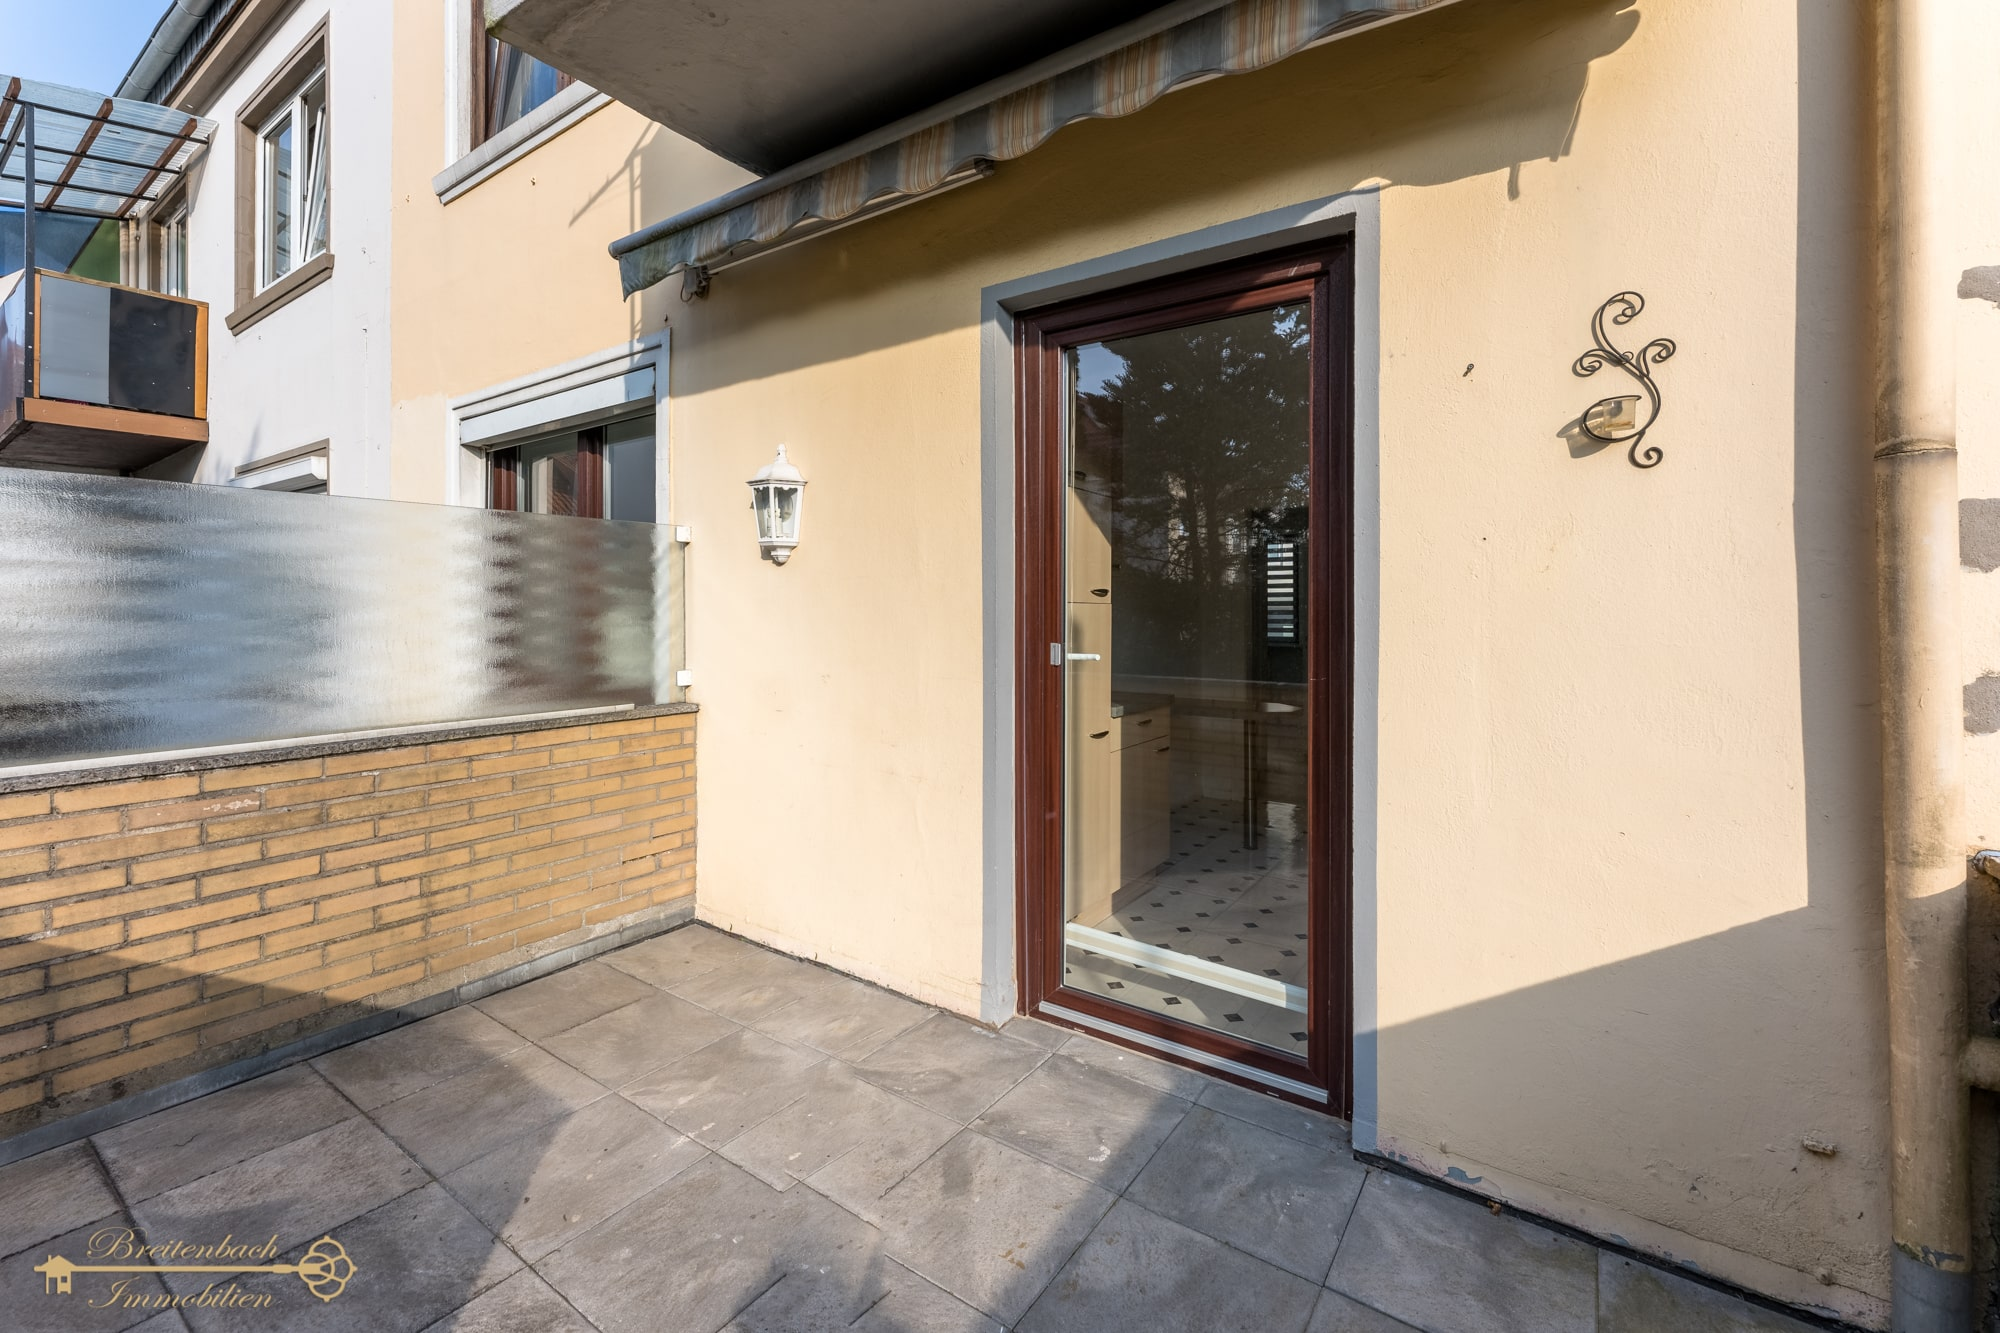 2021-04-16-Breitenbach-Immobilien-Makler-Bremen-2-min